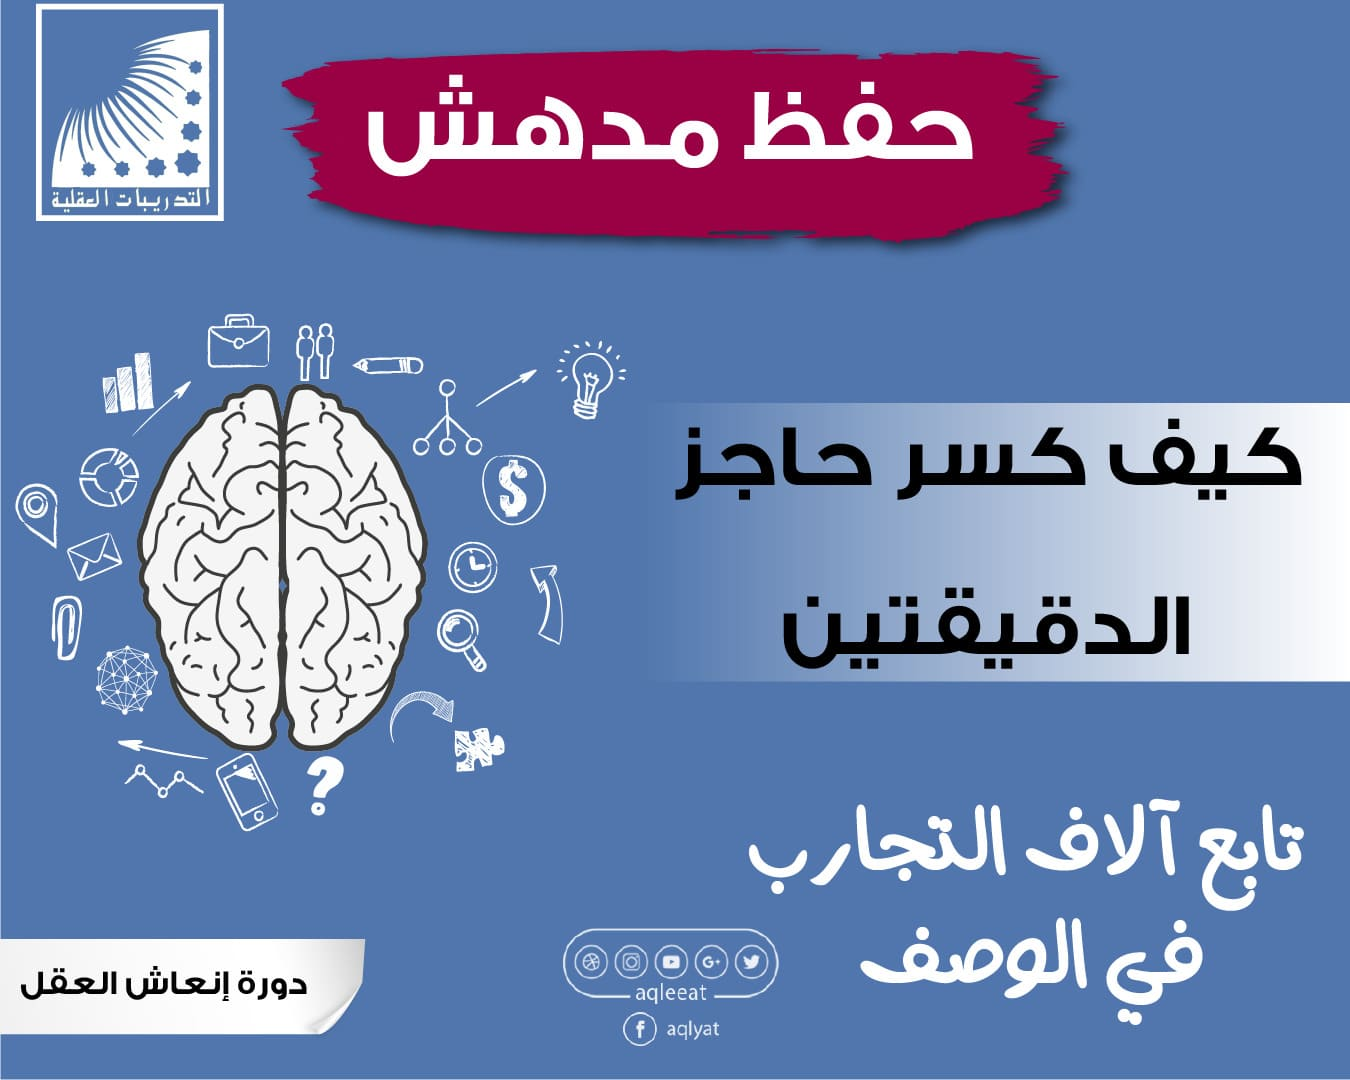 كيفية النسيان في علم النفس ، علاج لتقوية الذاكرة والتركيز ، تنشيط المخ